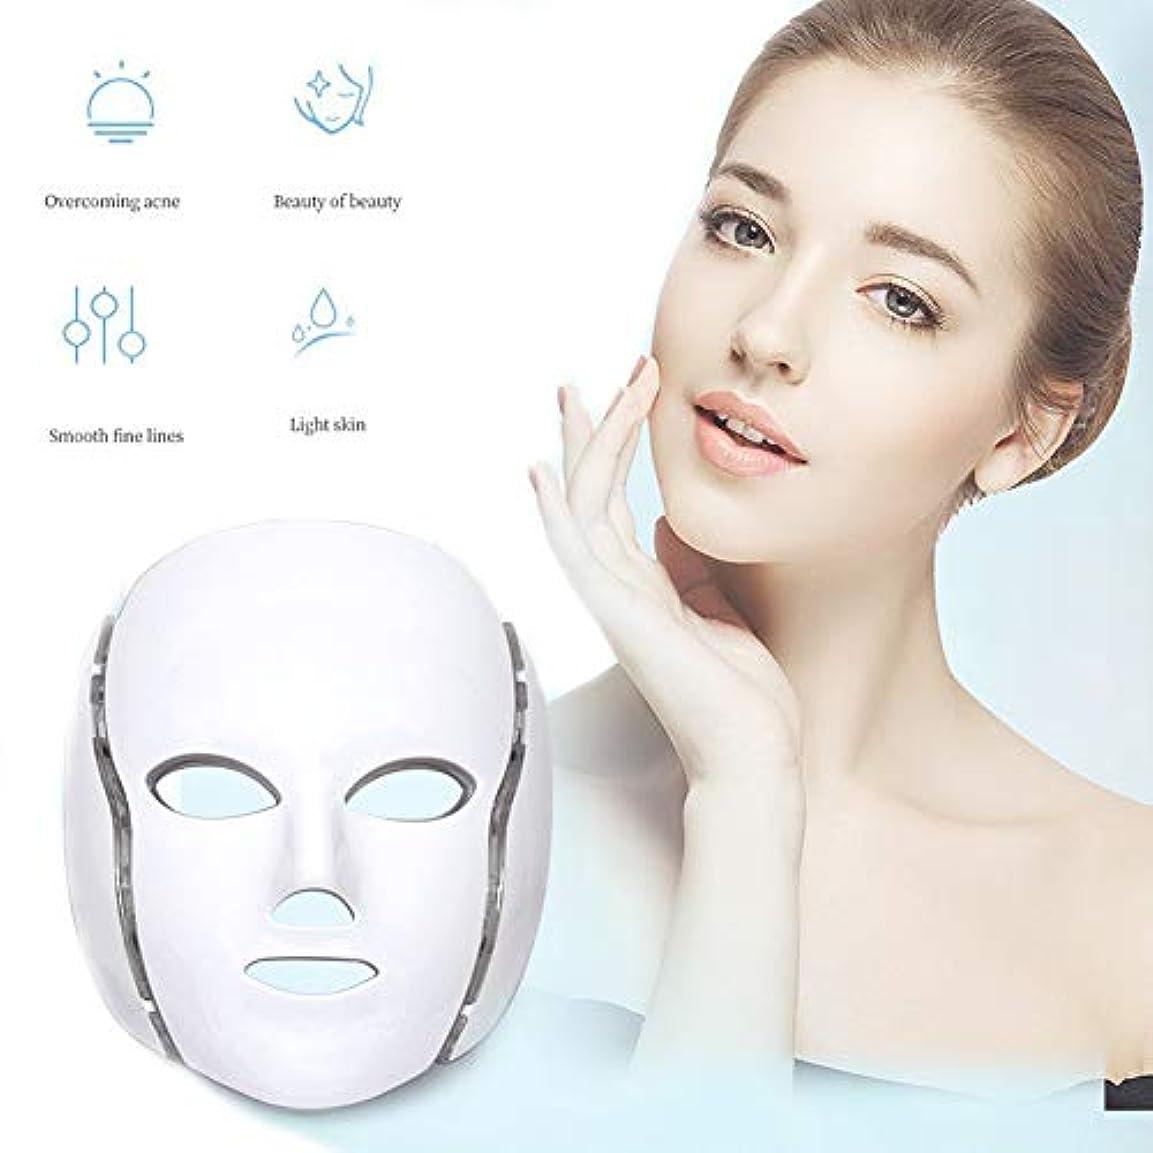 死ぬ古代差別的7色LEDライトマスク美容器具フェイシャルマスクPhotorejuvenationスペクトル美容器具ネックマスクセット